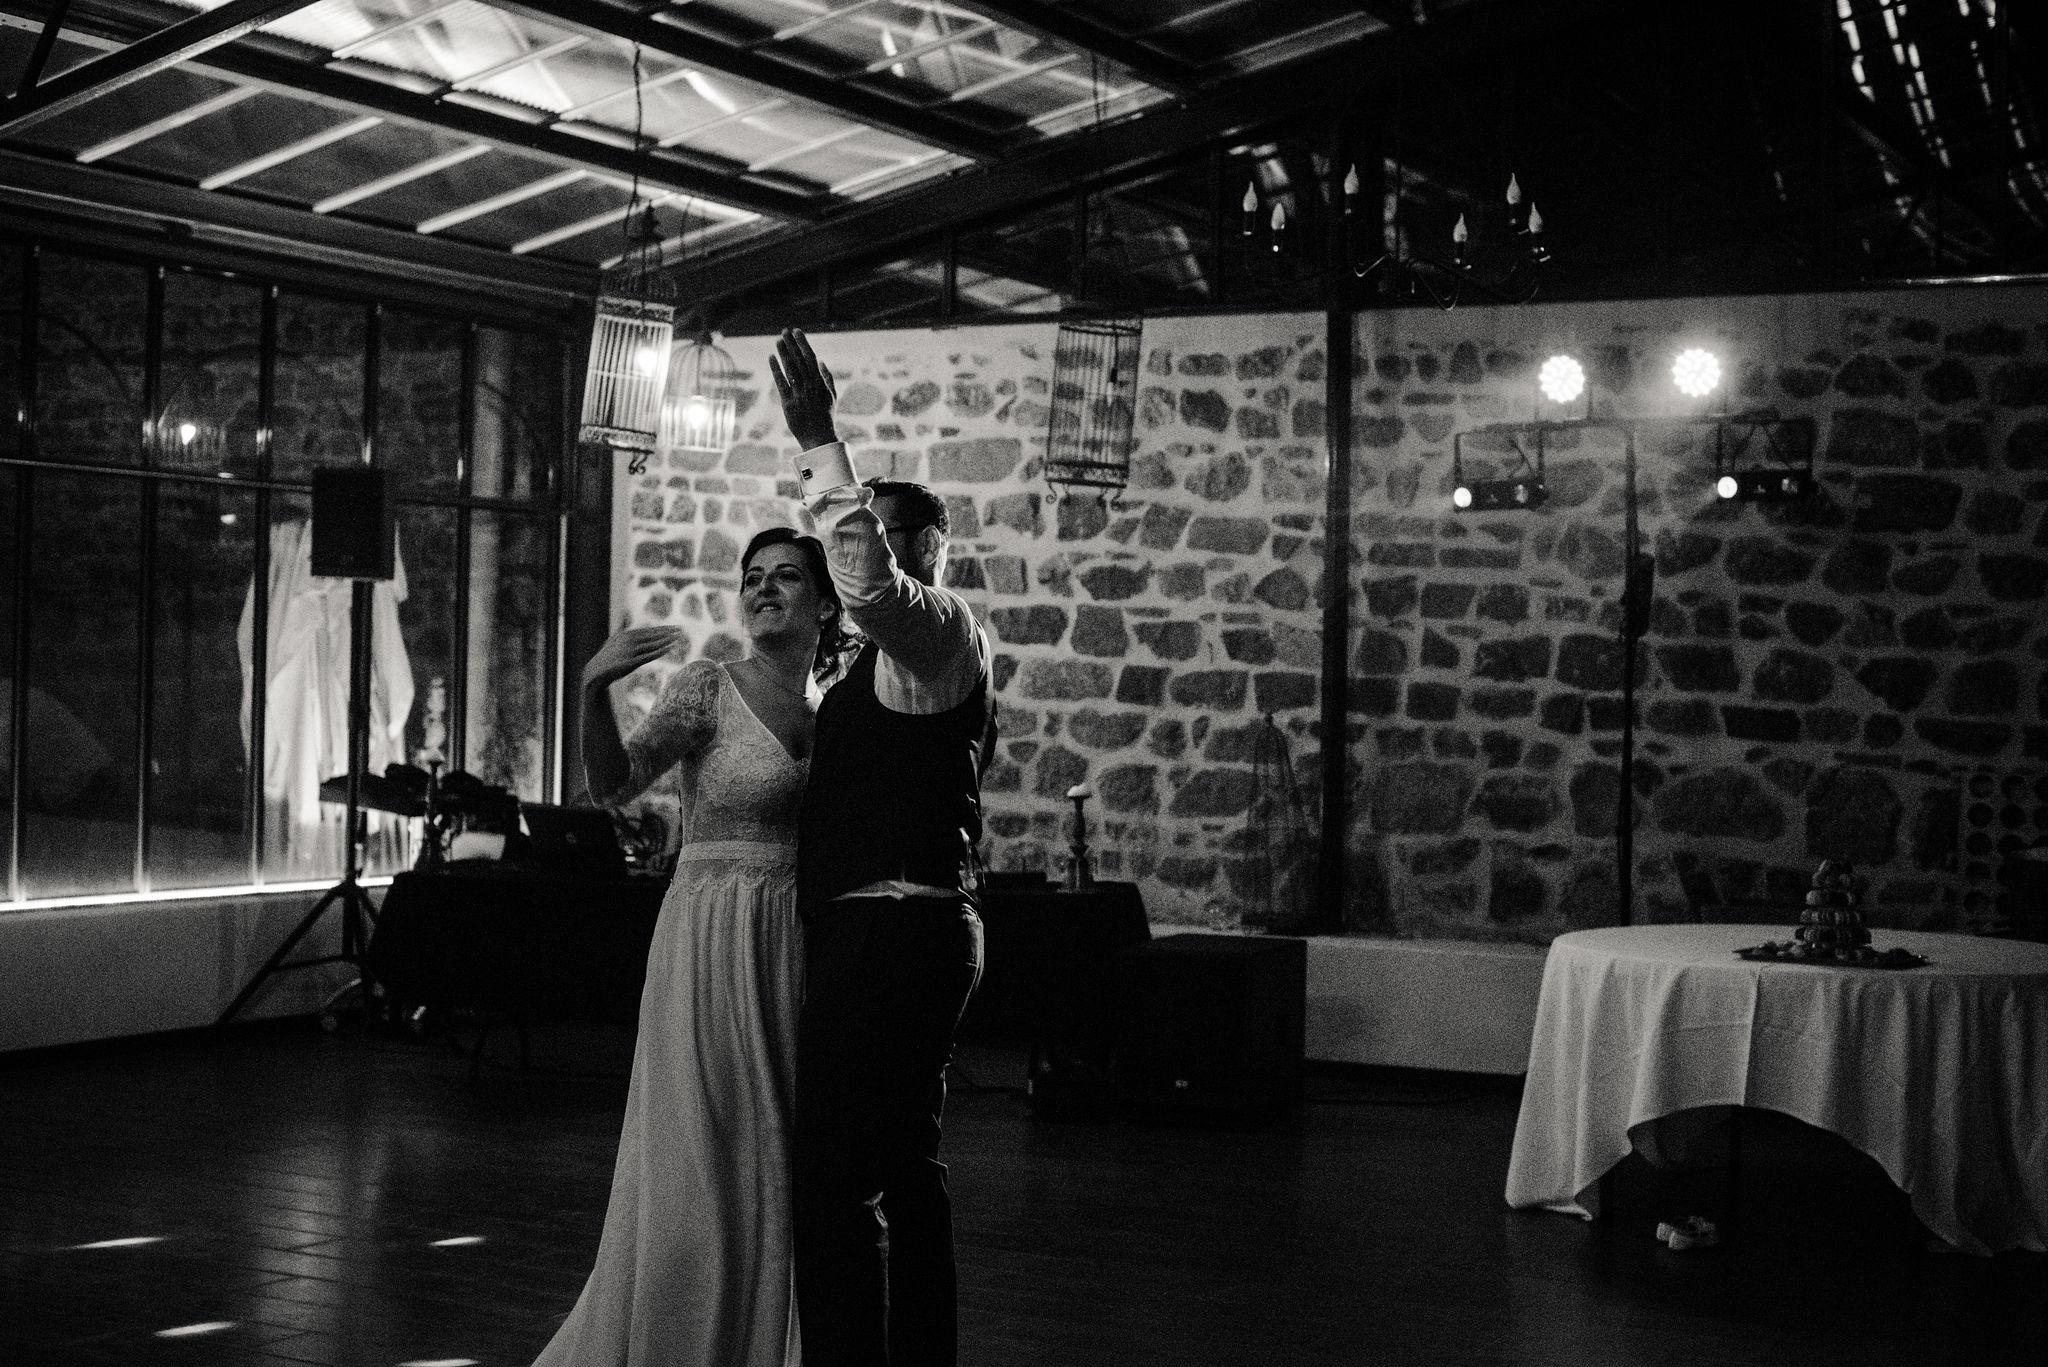 Léa-Fery-photographe-professionnel-lyon-rhone-alpes-portrait-creation-mariage-evenement-evenementiel-famille-7818.jpg